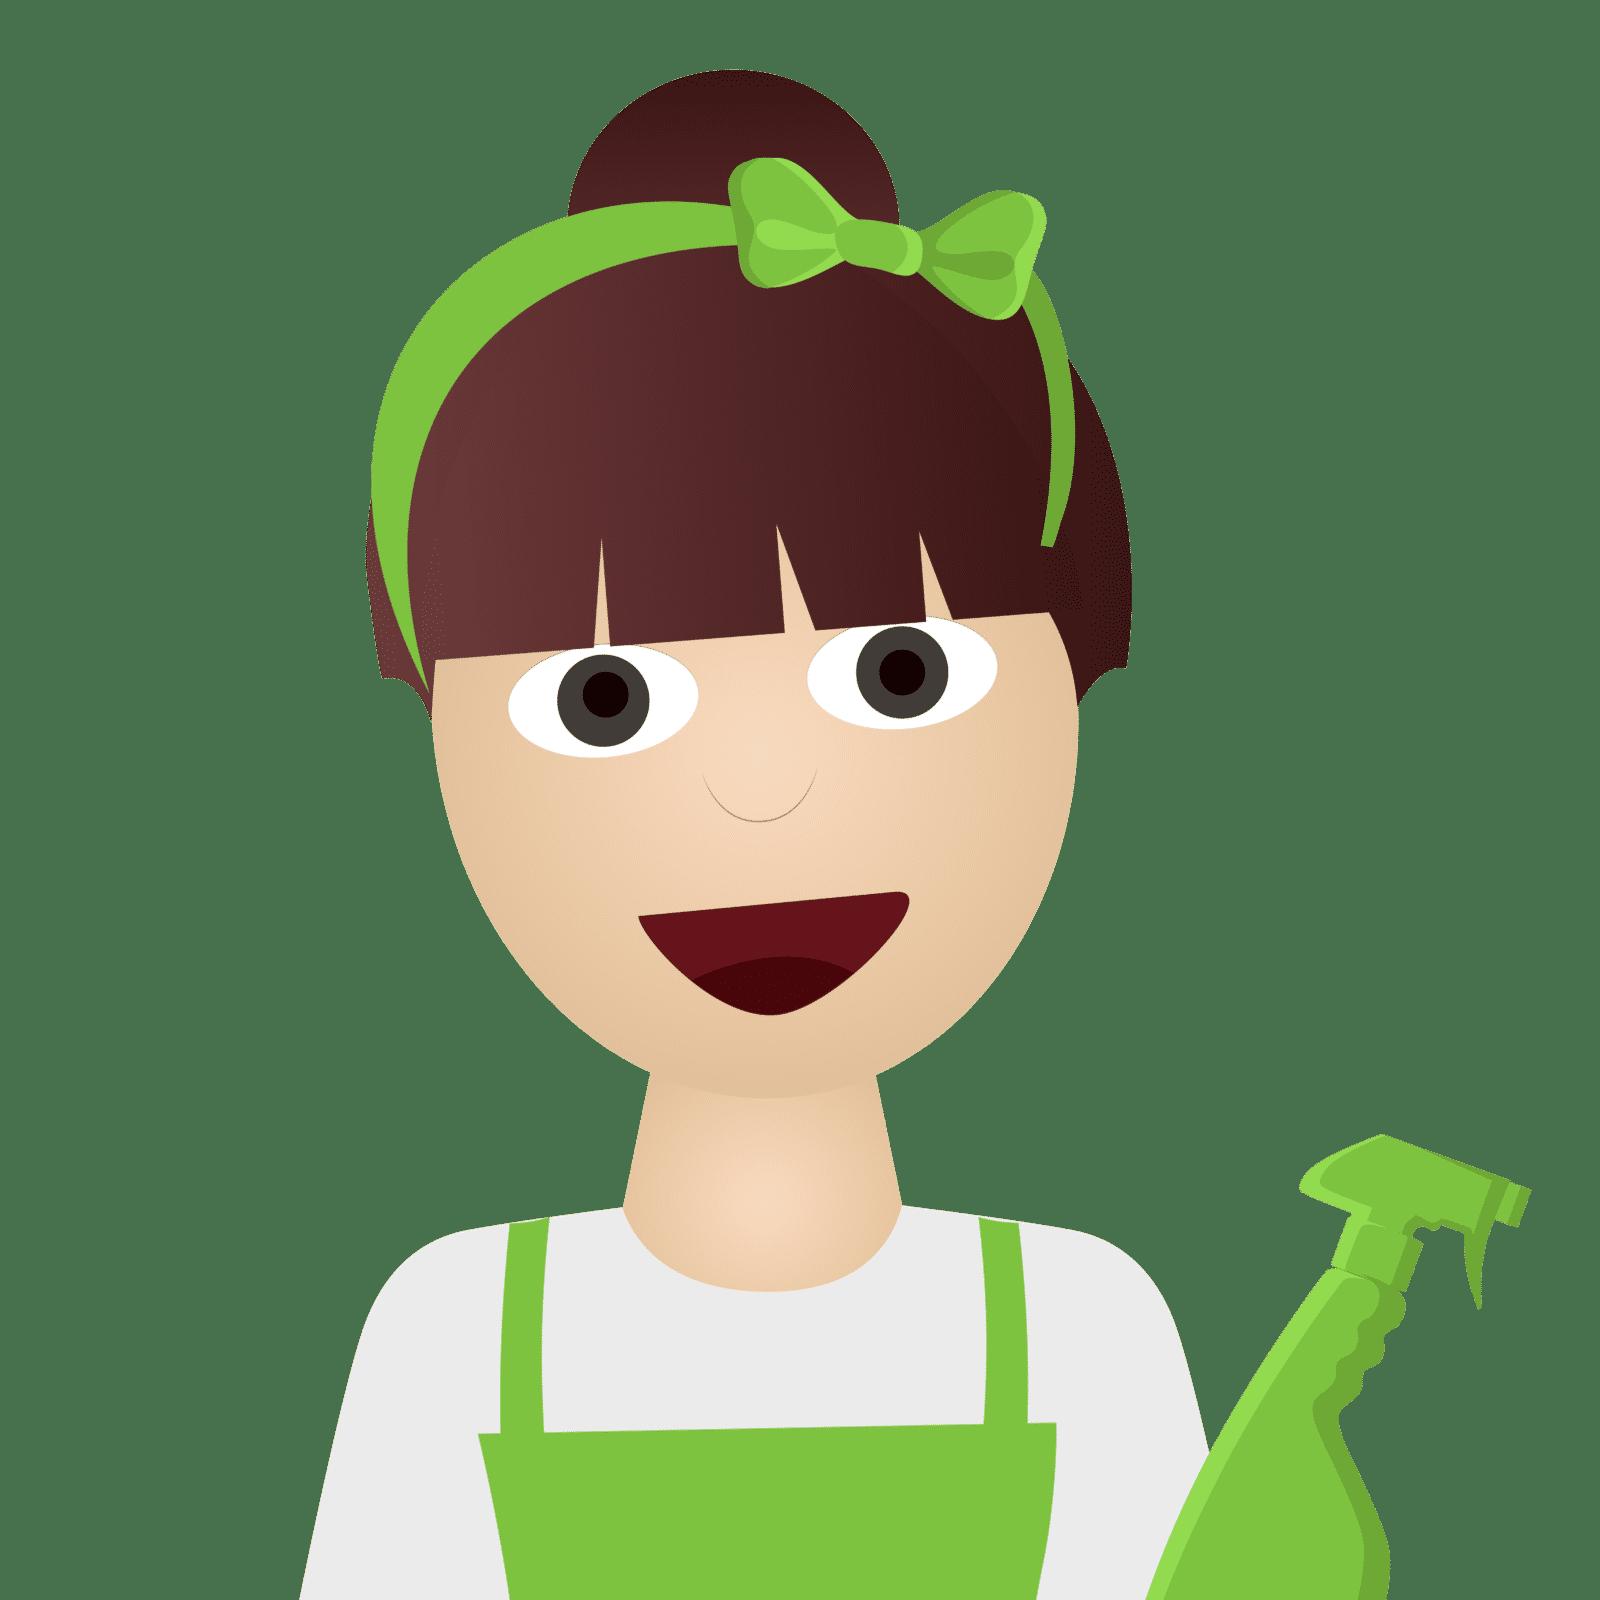 Housekeeping clipart hotel housekeeping. Emoji hospitality leaders